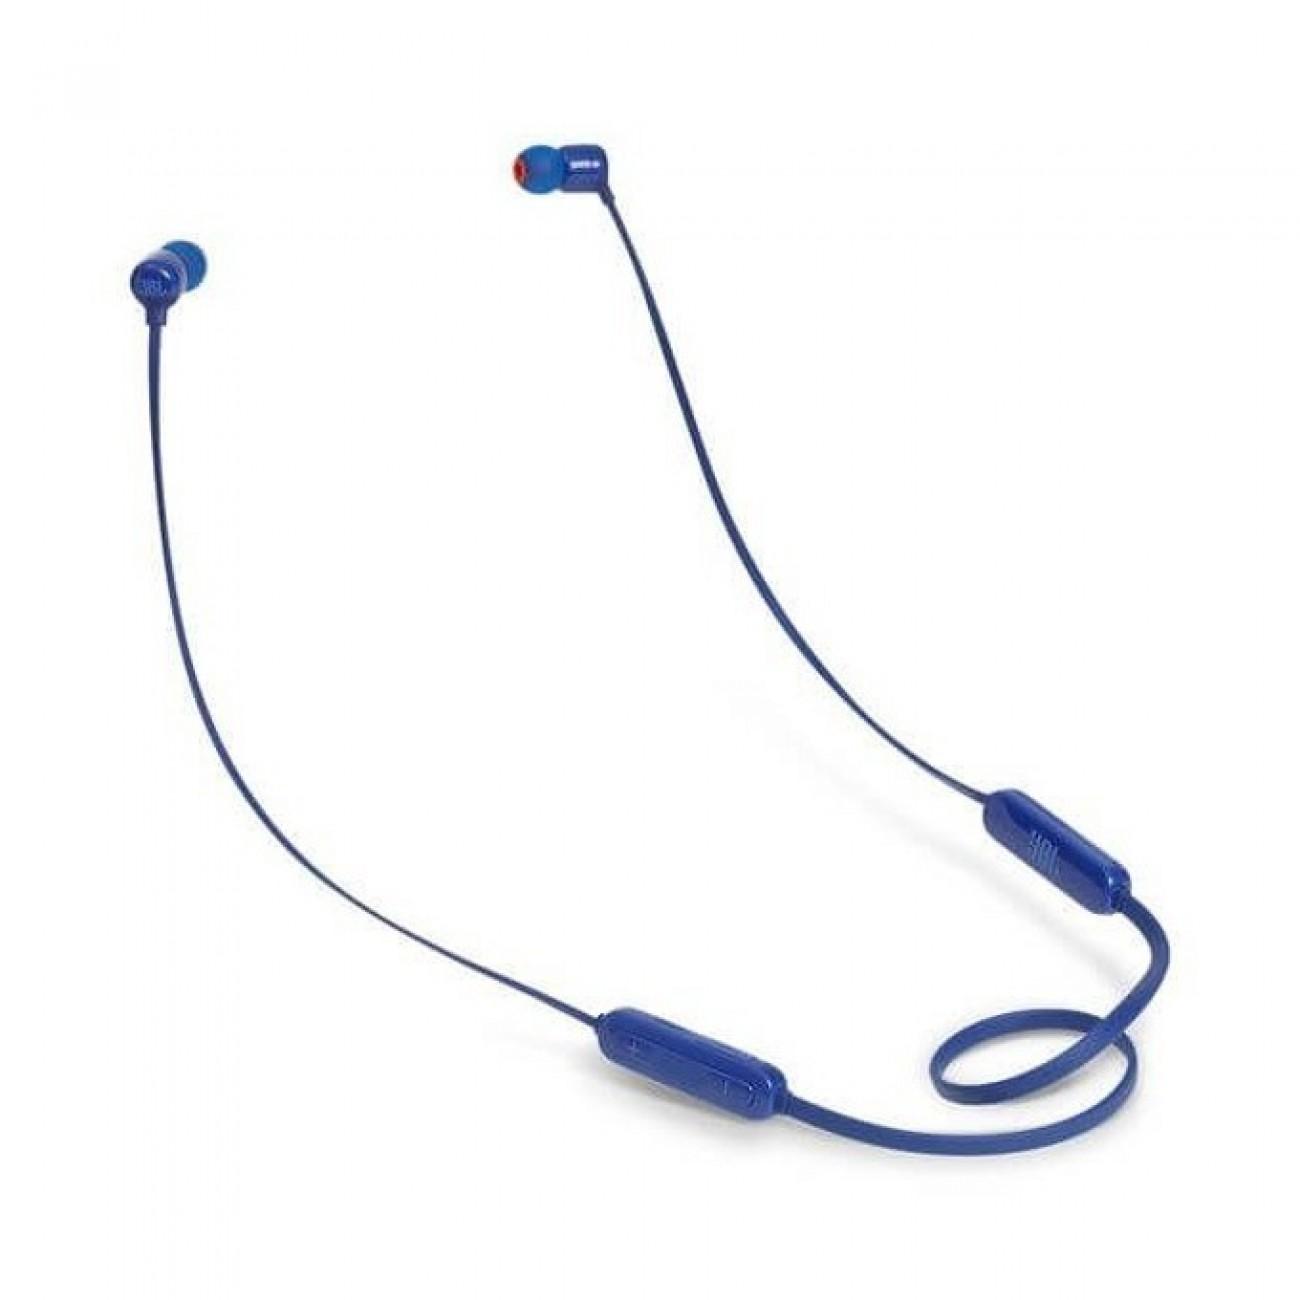 Слушалки JBL T110BT, безжични, тип тапи, микрофон, сини в Слушалки -  | Alleop